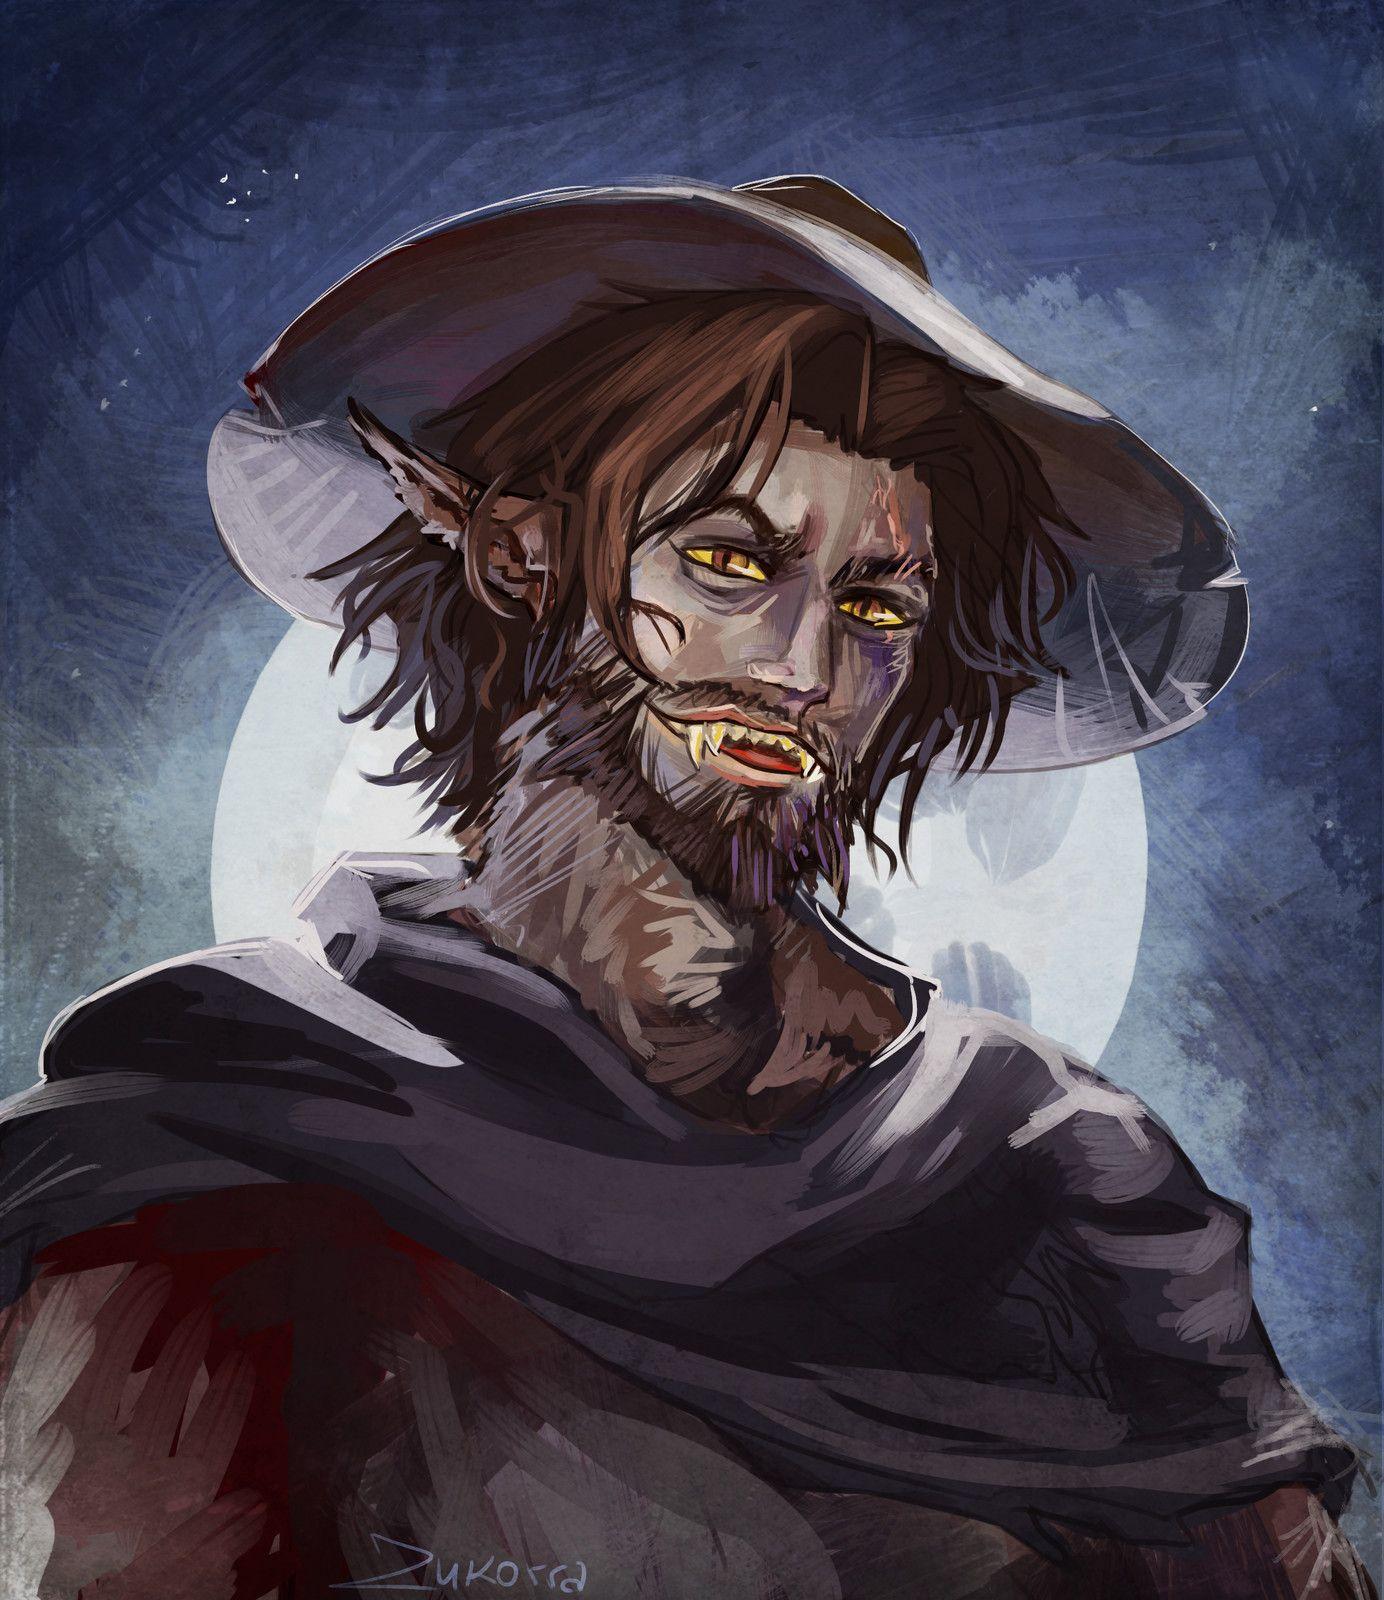 overwatch x werewolf reader